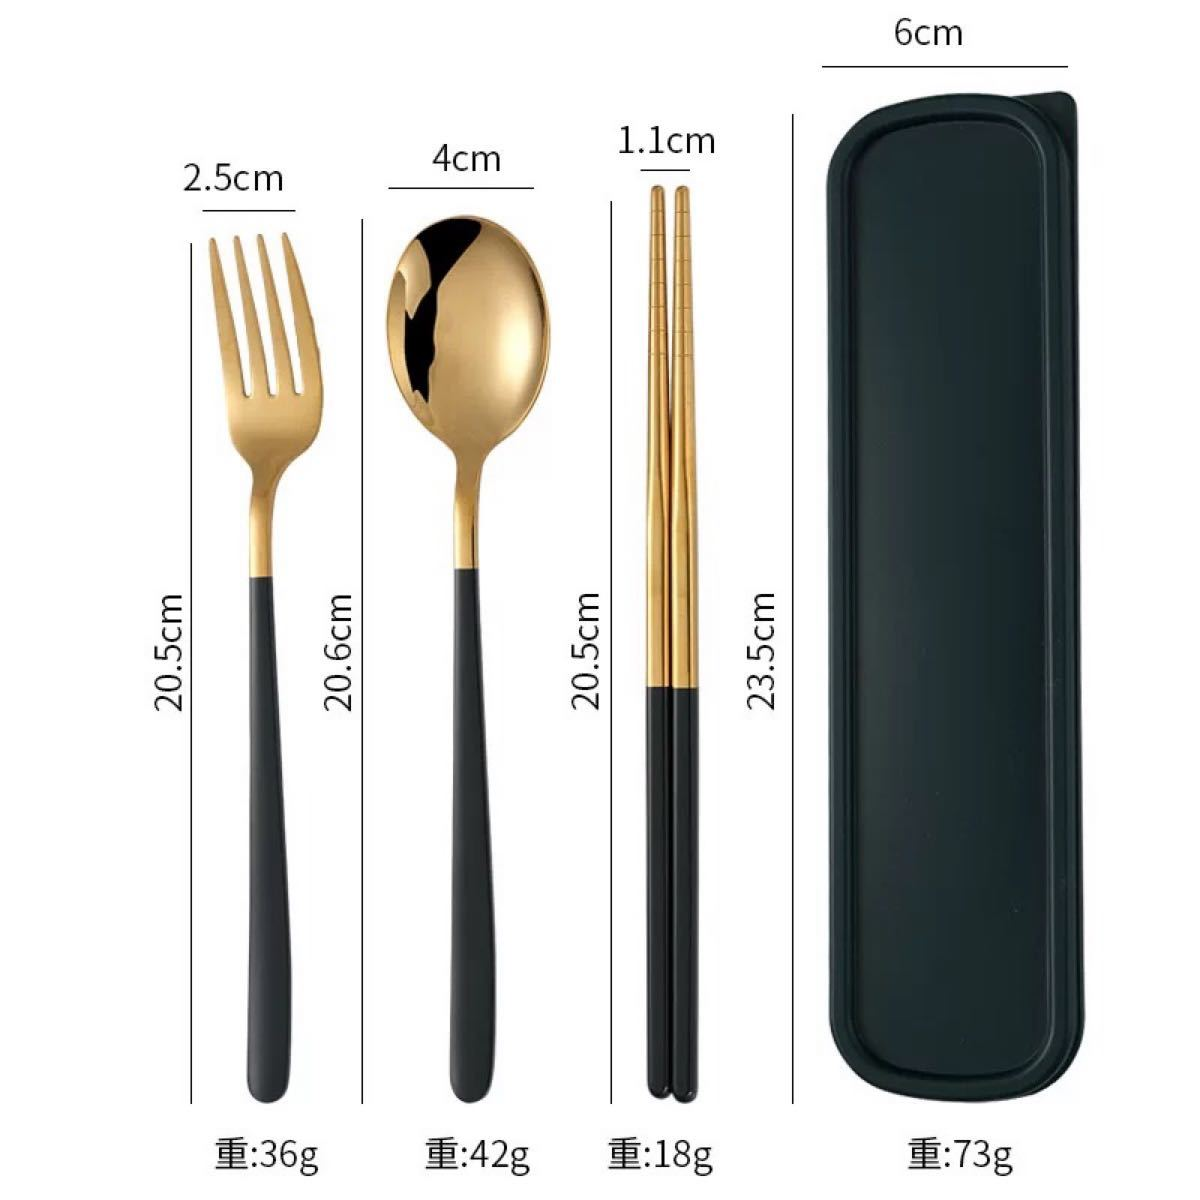 カトラリーセット カトラリー韓国人気 カトラリー 韓国食器 キッチン用品 スプーン フォーク  箸